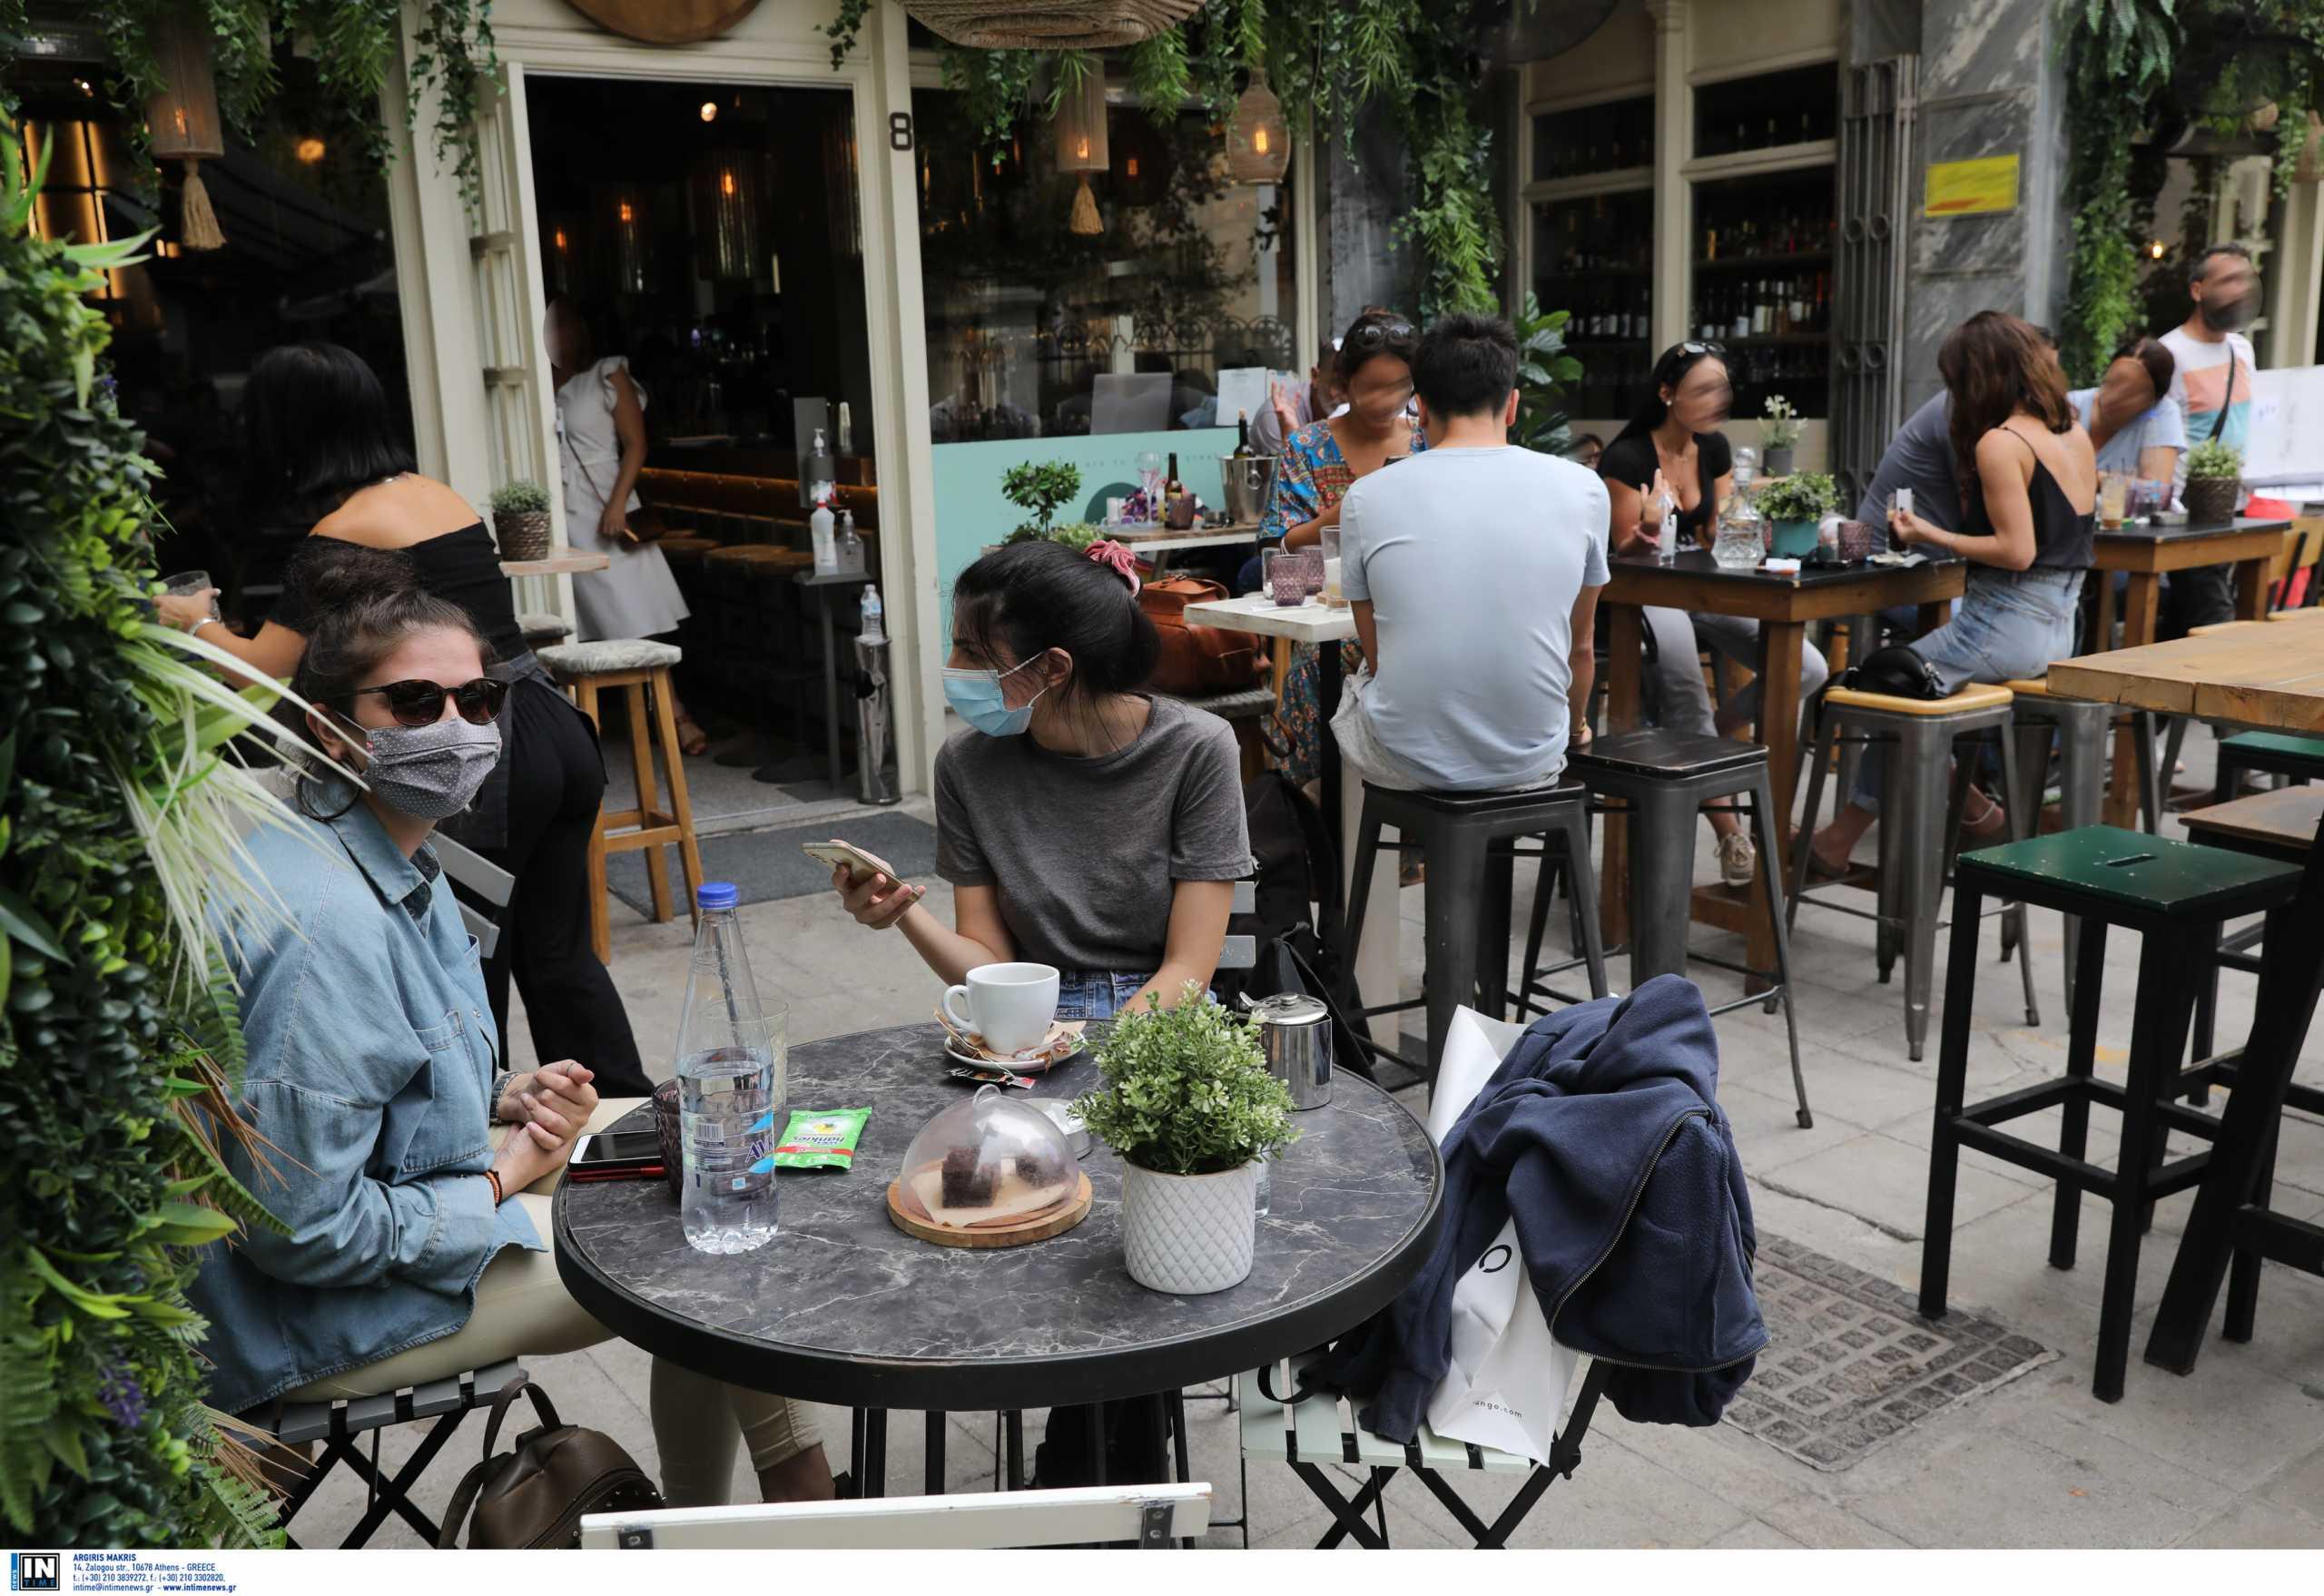 Κορονοϊός: Η Θεσσαλονίκη πλησιάζει την Αττική σε αριθμό κρουσμάτων – Ο σημερινός χάρτης της διασποράς